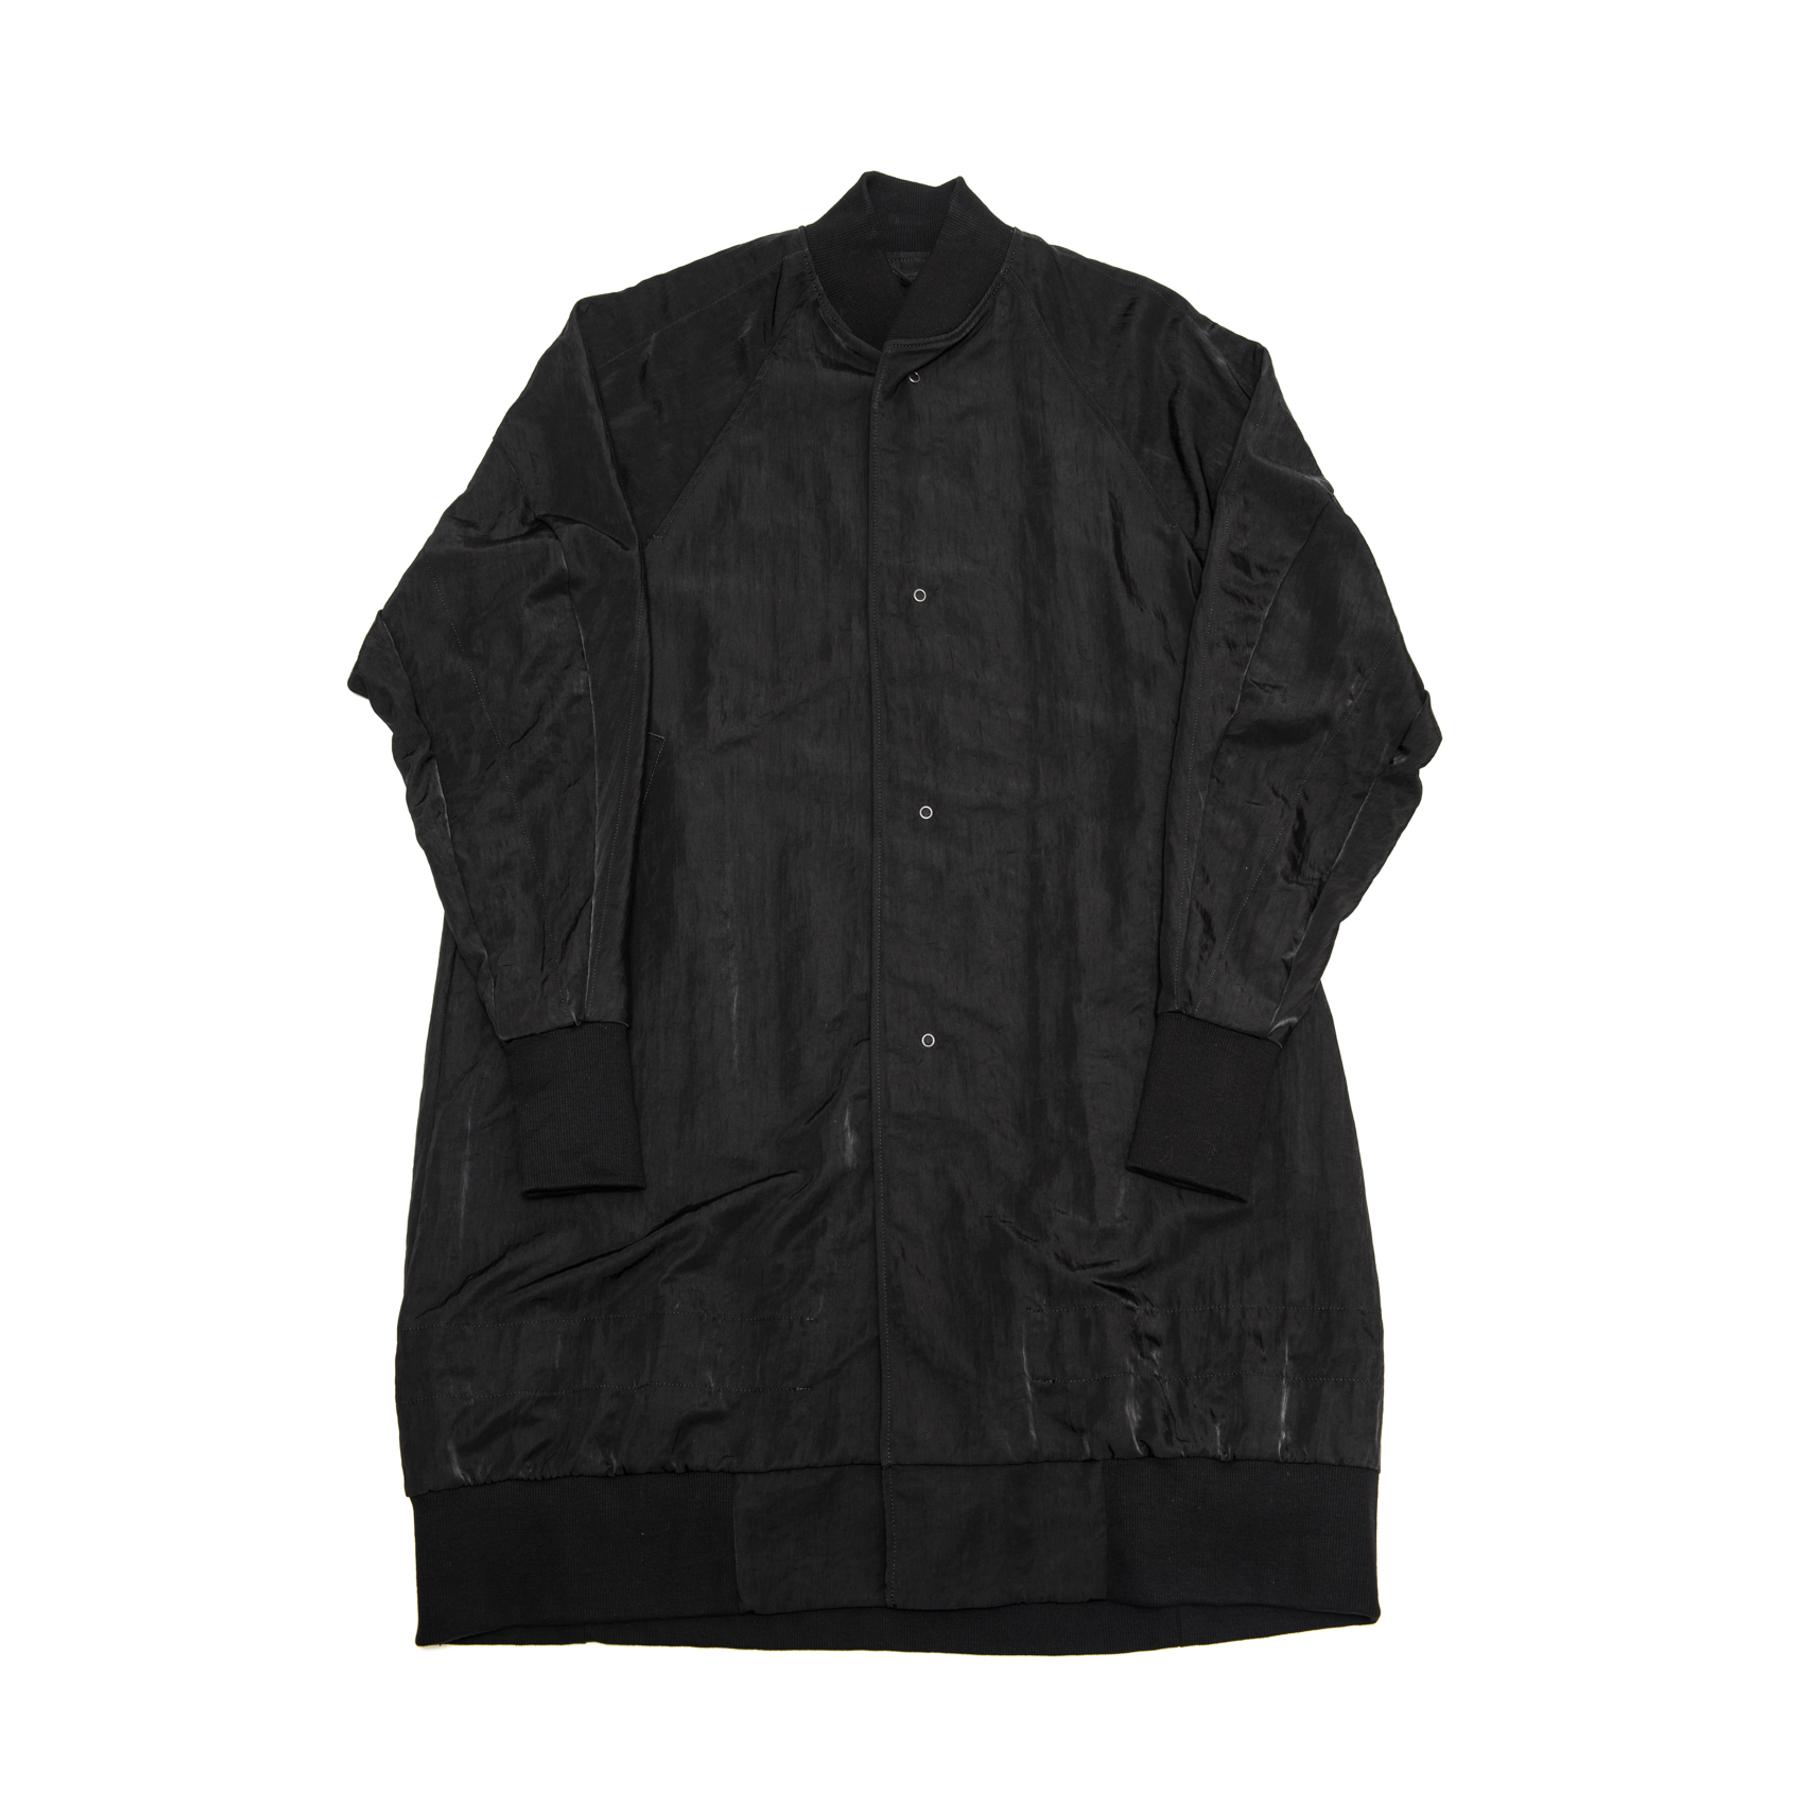 597COM1-BLACK / ロングスタジアムジャケット